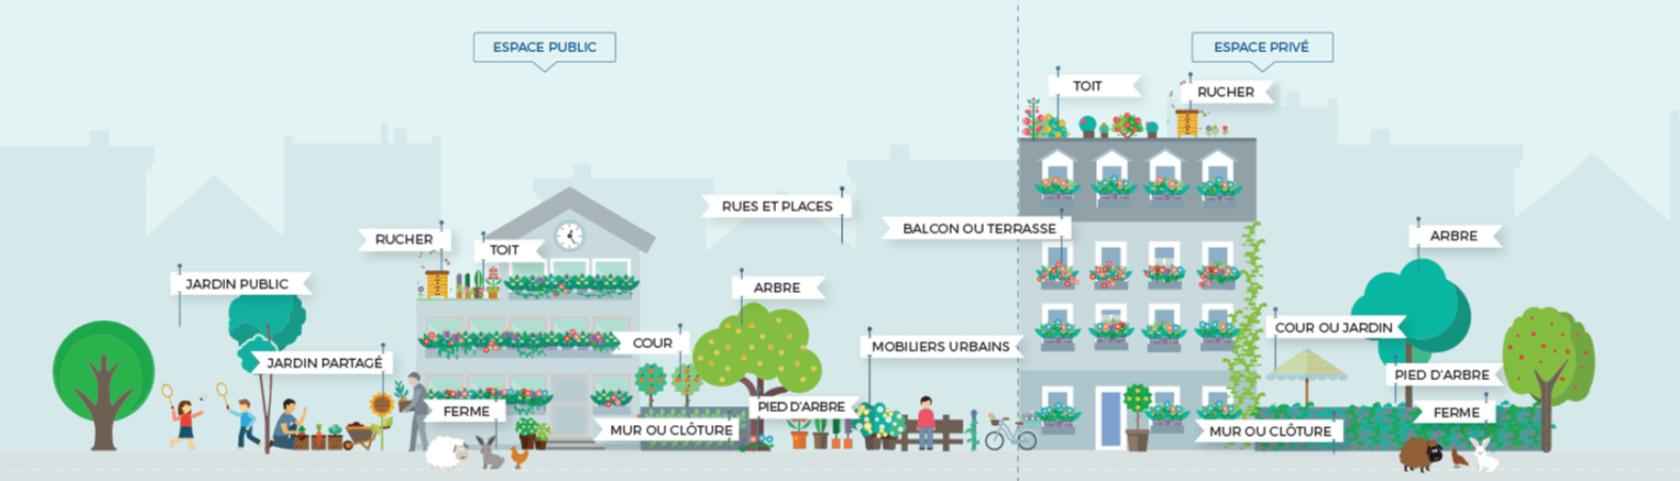 Frise montrant les différents types de projets de végétalisation sur l'espace public et l'espace privé.